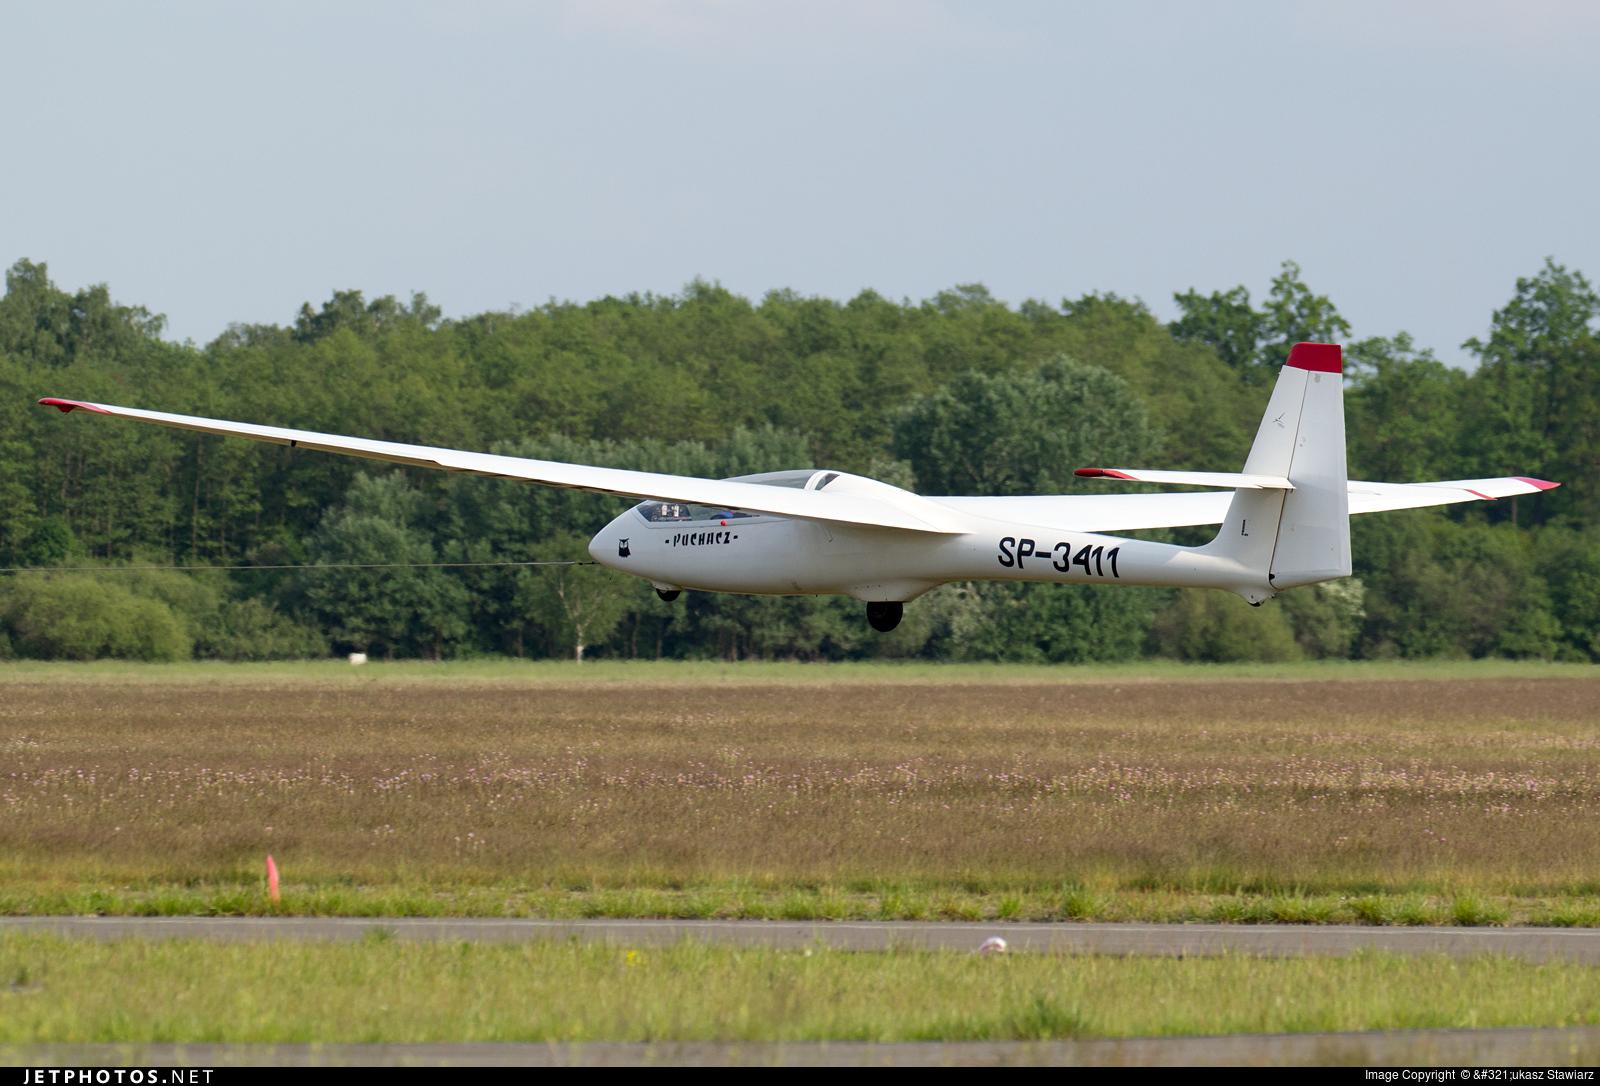 SP-3411 - SZD 50-3 Puchacz - Aero Club - Wloclawski